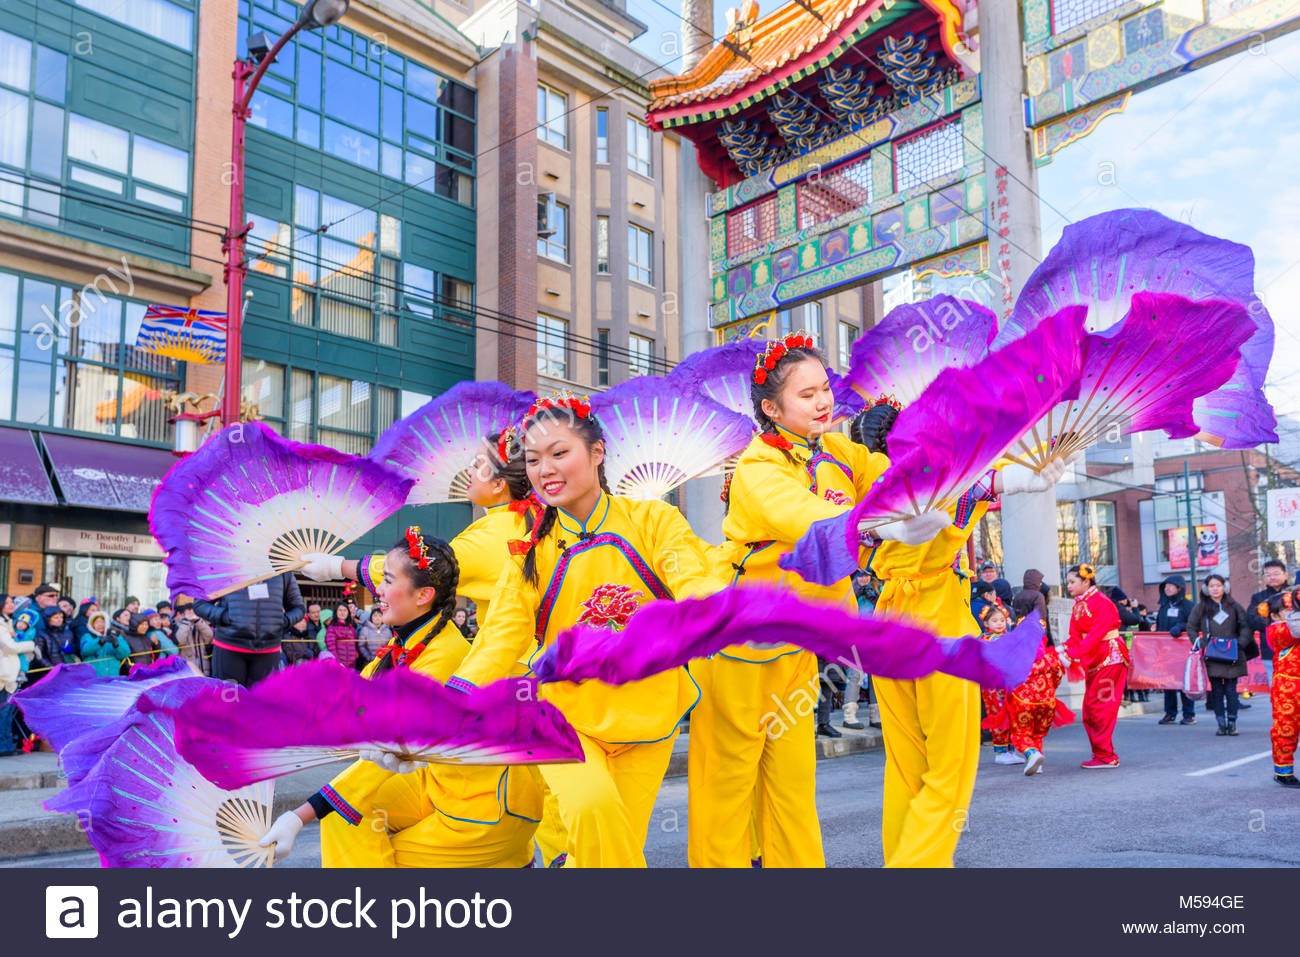 Ballerini della ventola al nuovo anno lunare cinese Parade, Chinatown, Vancouver, British Columbia, Canada. Immagini Stock